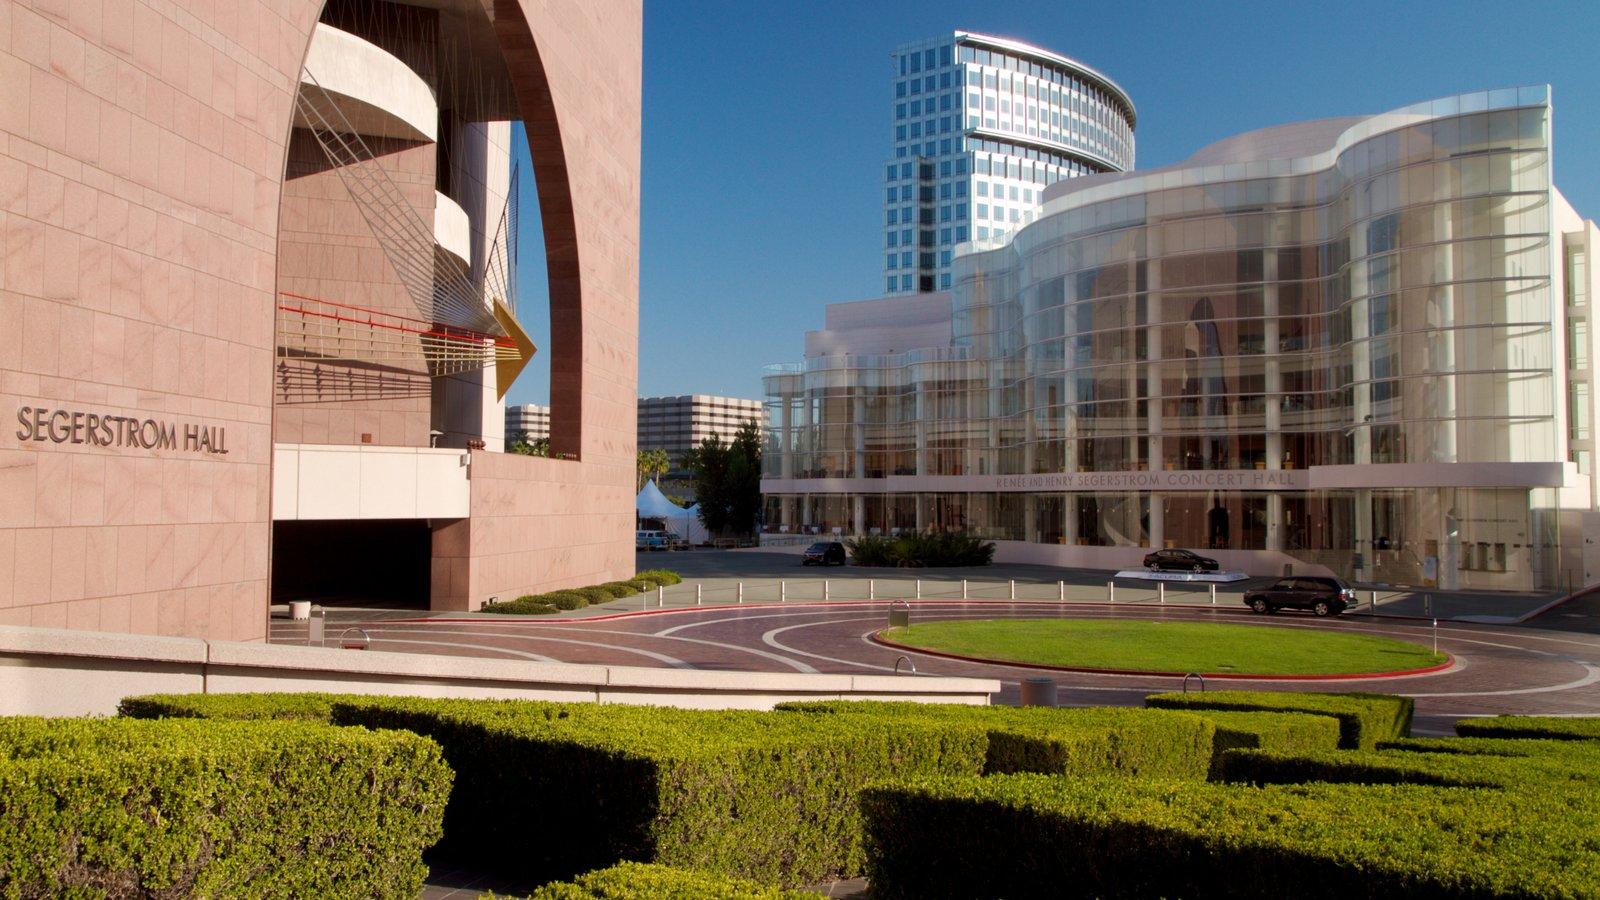 Segerstrom Center for the Arts que inclui arquitetura moderna, uma praça ou plaza e uma cidade